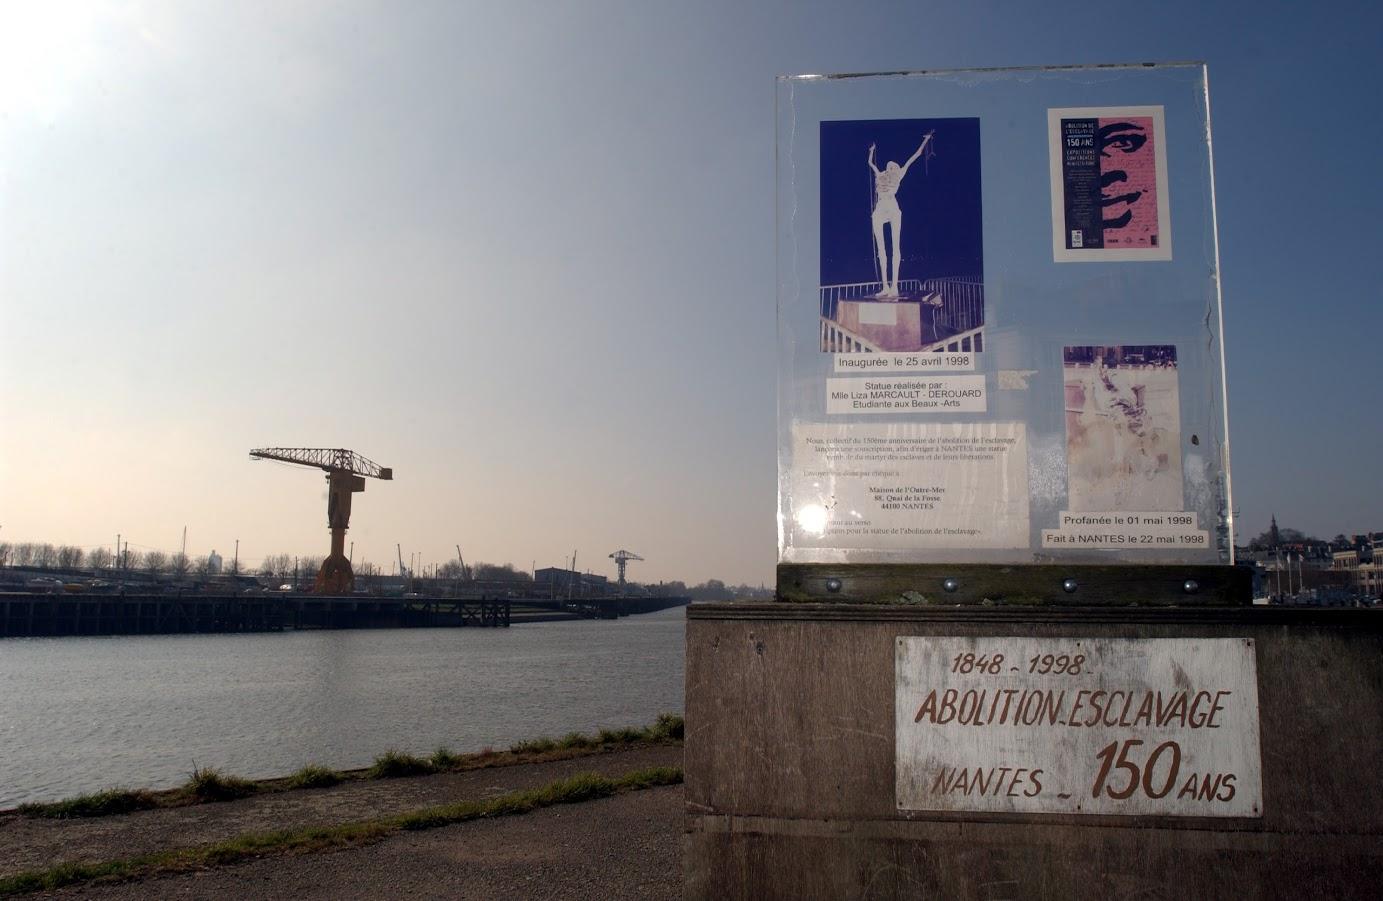 stèle provisoire remplaçant depuis le 1 mai 1998, après sa profanation, la statue, commérative du 150 è anniversaire de l'abolition de l'esclavage, originale réalisée par Liza Marcault-Derouard et inaugurée le 25 avril 1998.